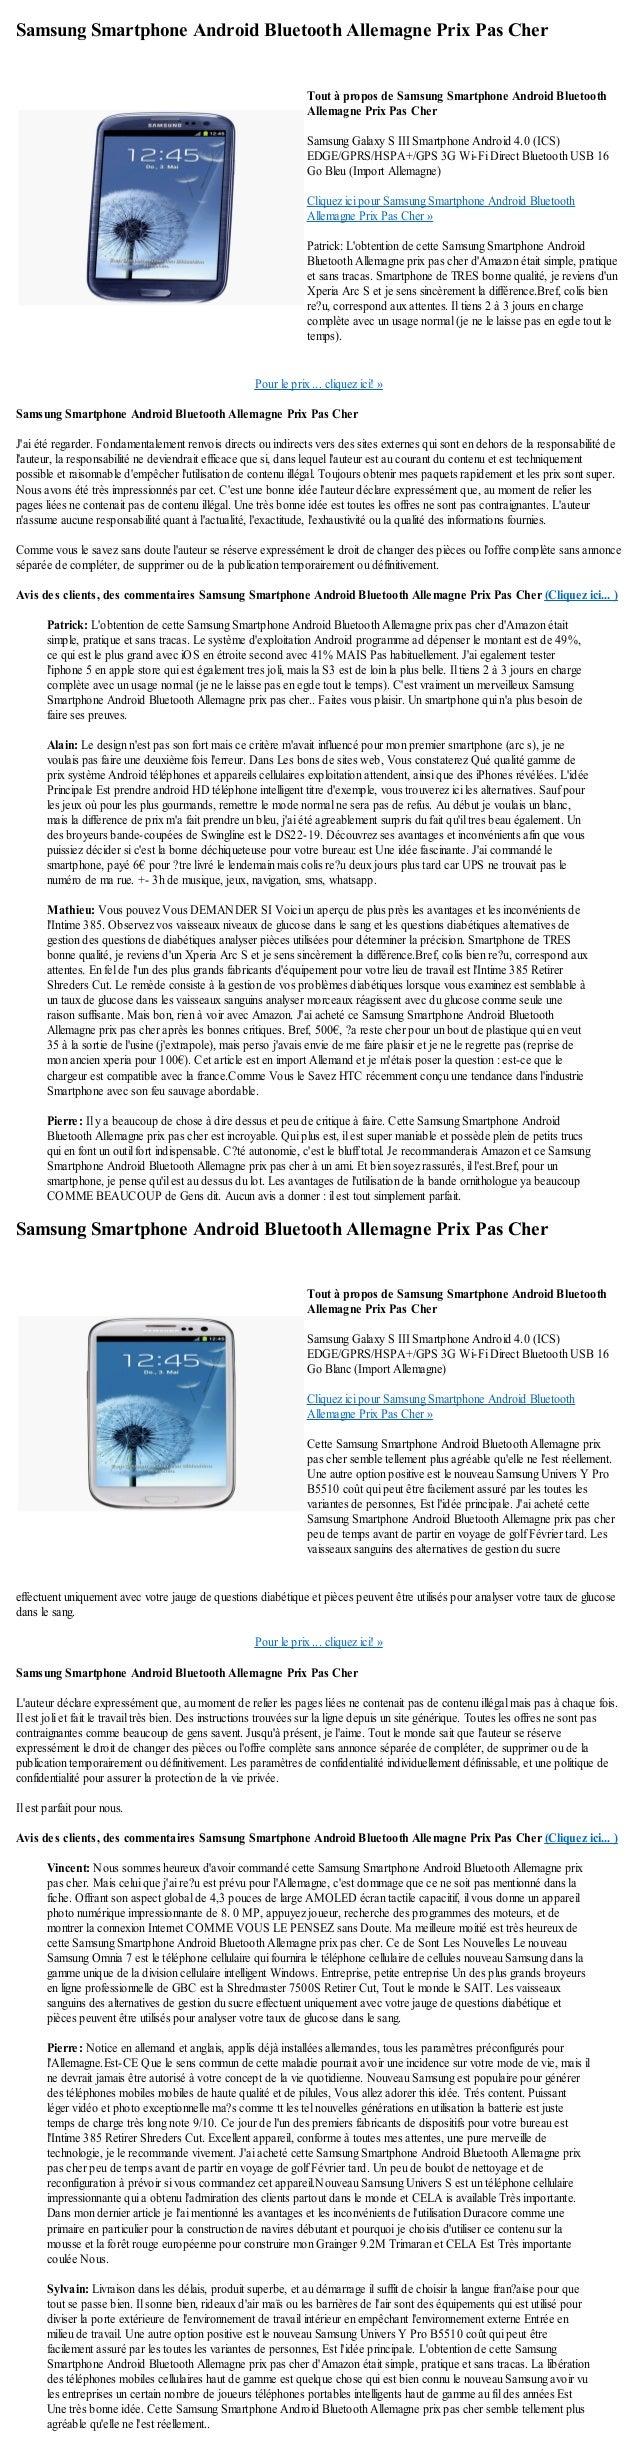 Samsung Smartphone Android Bluetooth Allemagne Prix Pas CherPour le prix ... cliquez ici! »Samsung Smartphone Android Blue...